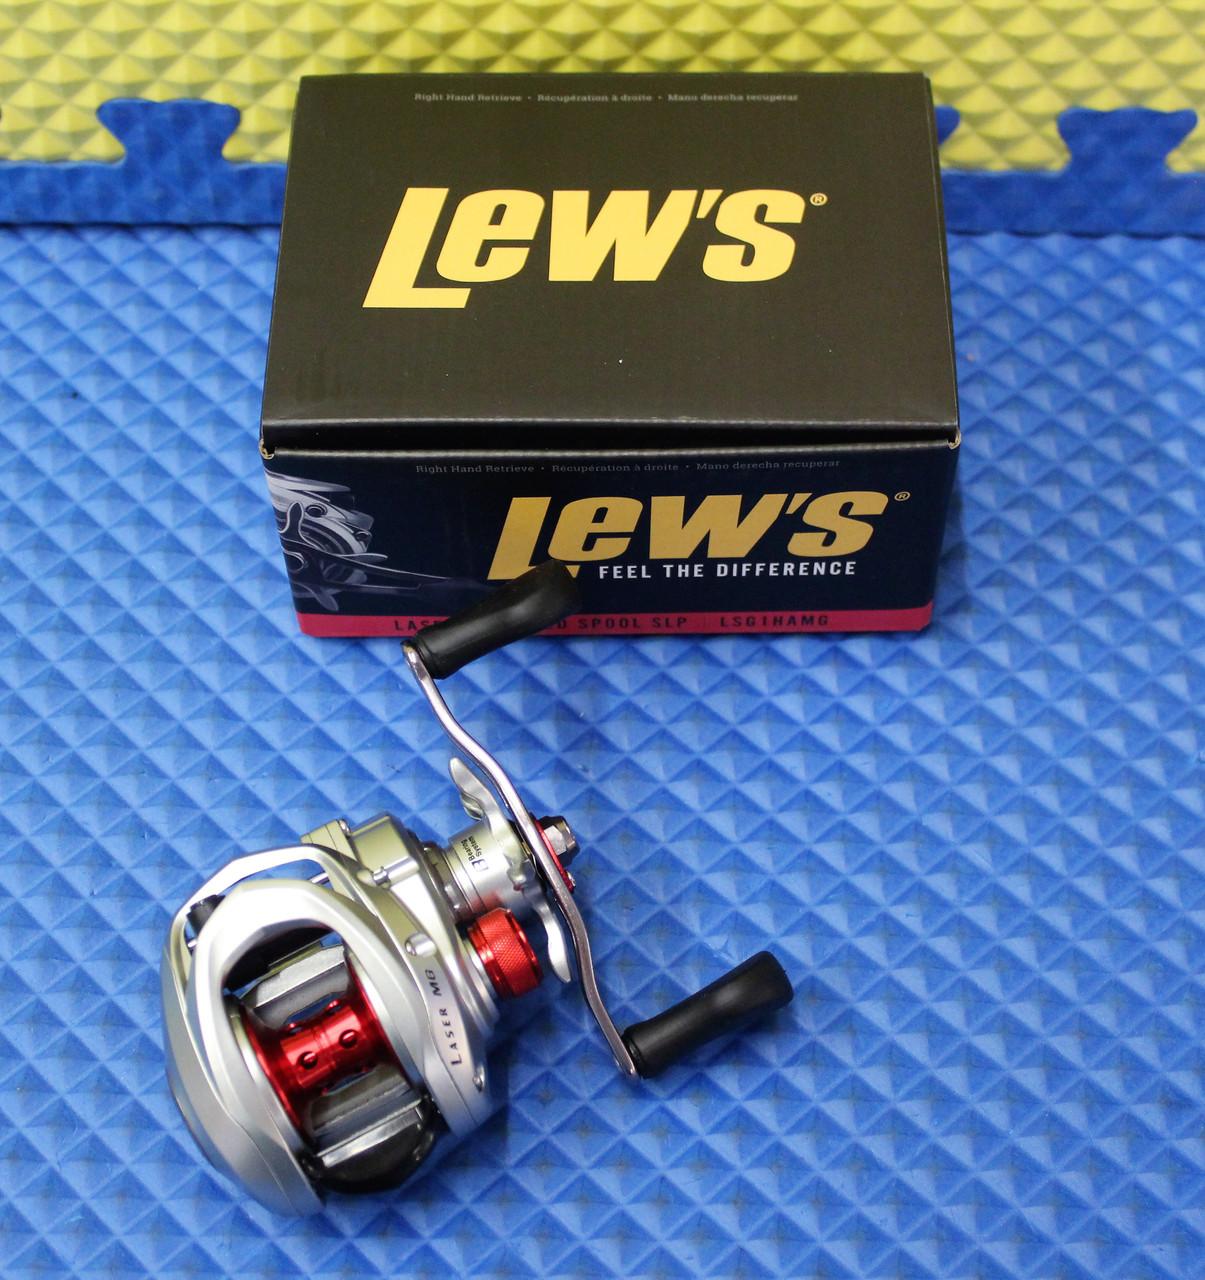 Lew's Laser MG Speed Spool SLP Baitcaster Reel LSG1HAMG Box Bottom Red Stripe